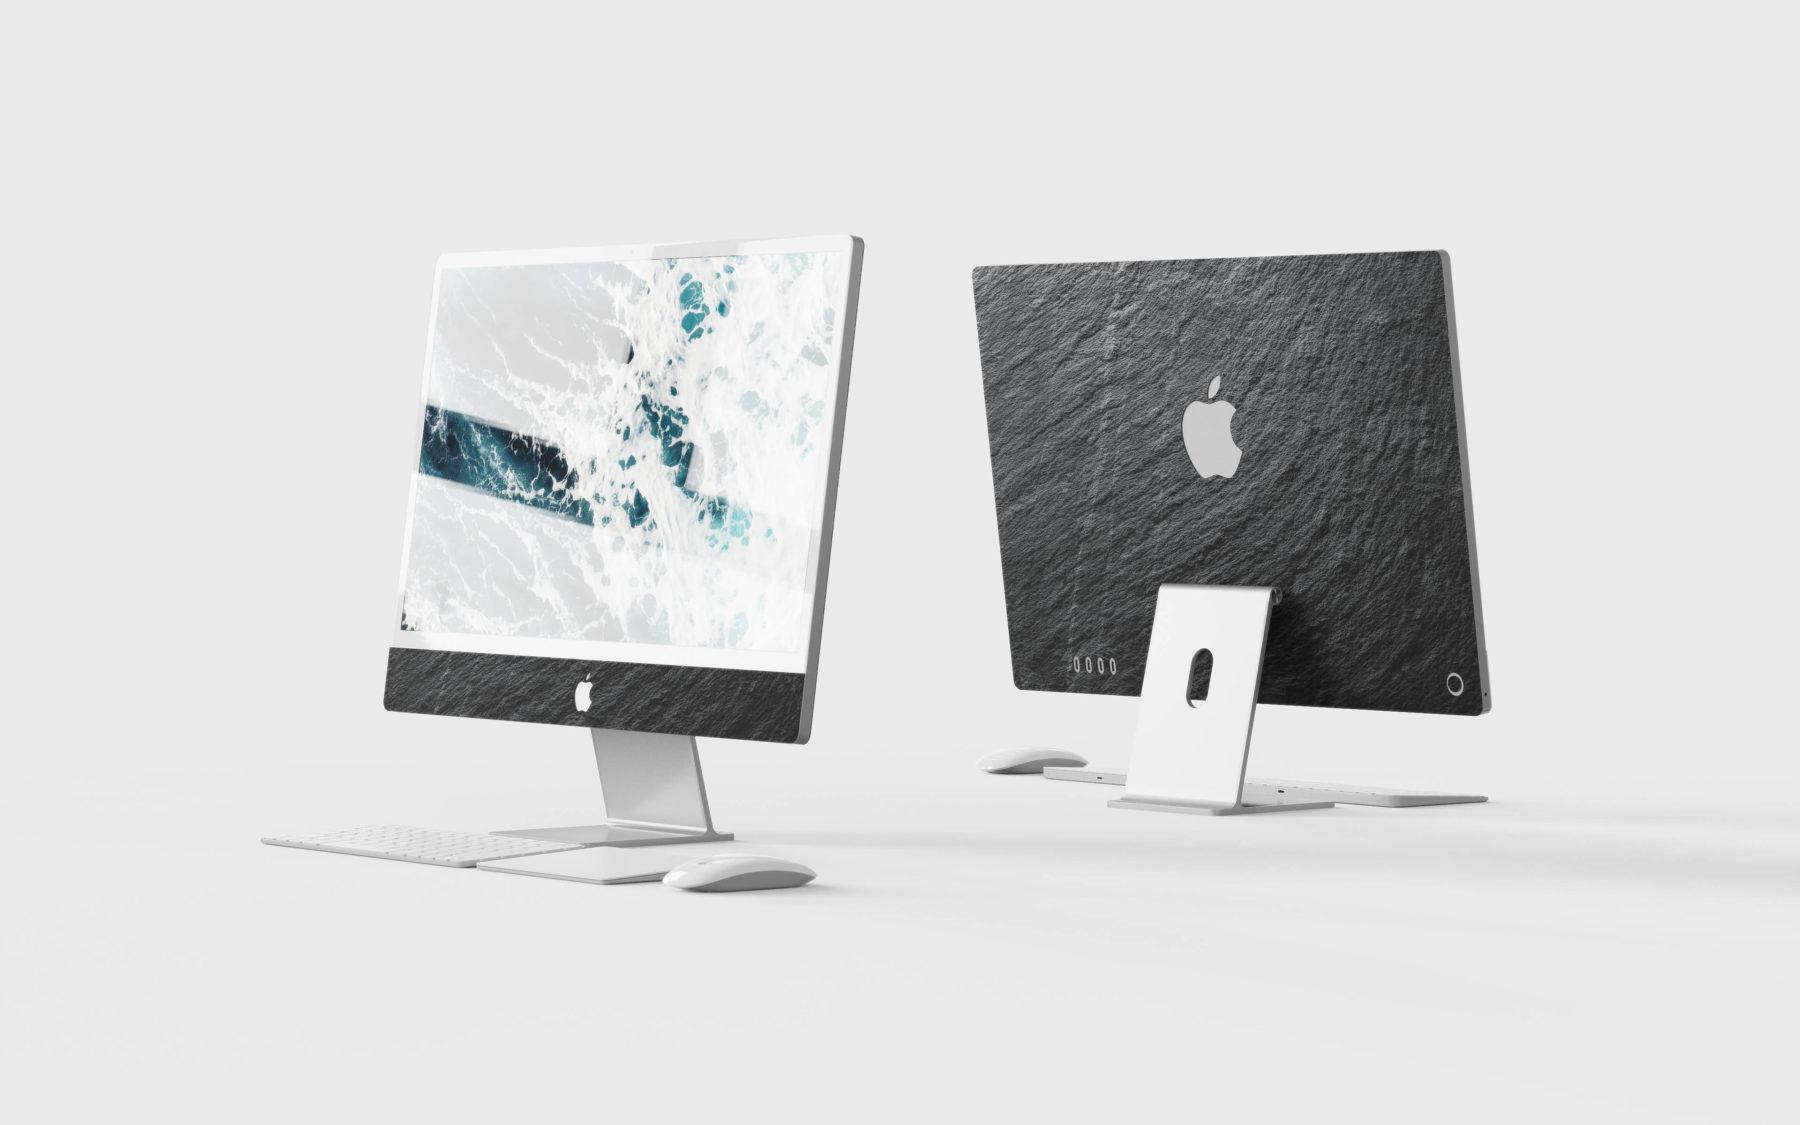 New iMac Skin real slate stone in black slate made by Roxxlyn